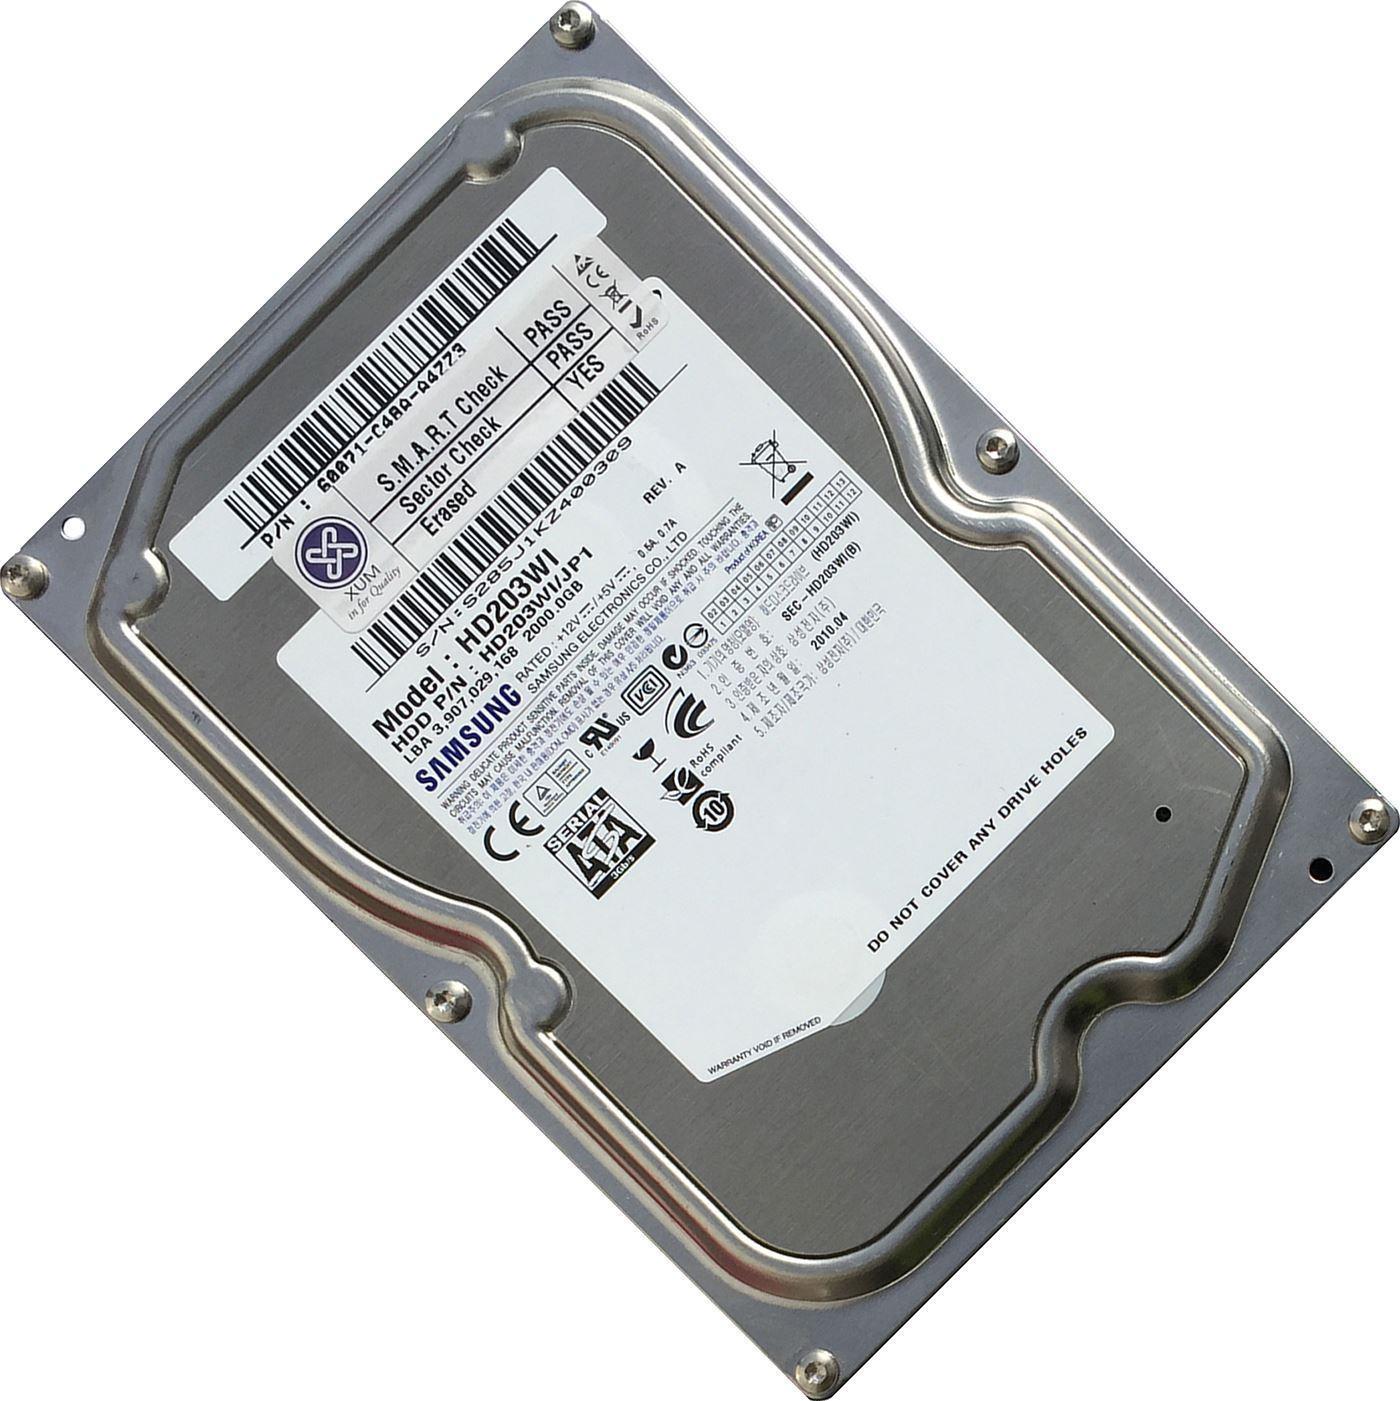 500GB-640GB-750GB-1TB-2TB-3TB-4TB-6TB-8TB-10TB-3-5-034-SATA-Hard-Drive-HDD-LOT thumbnail 14